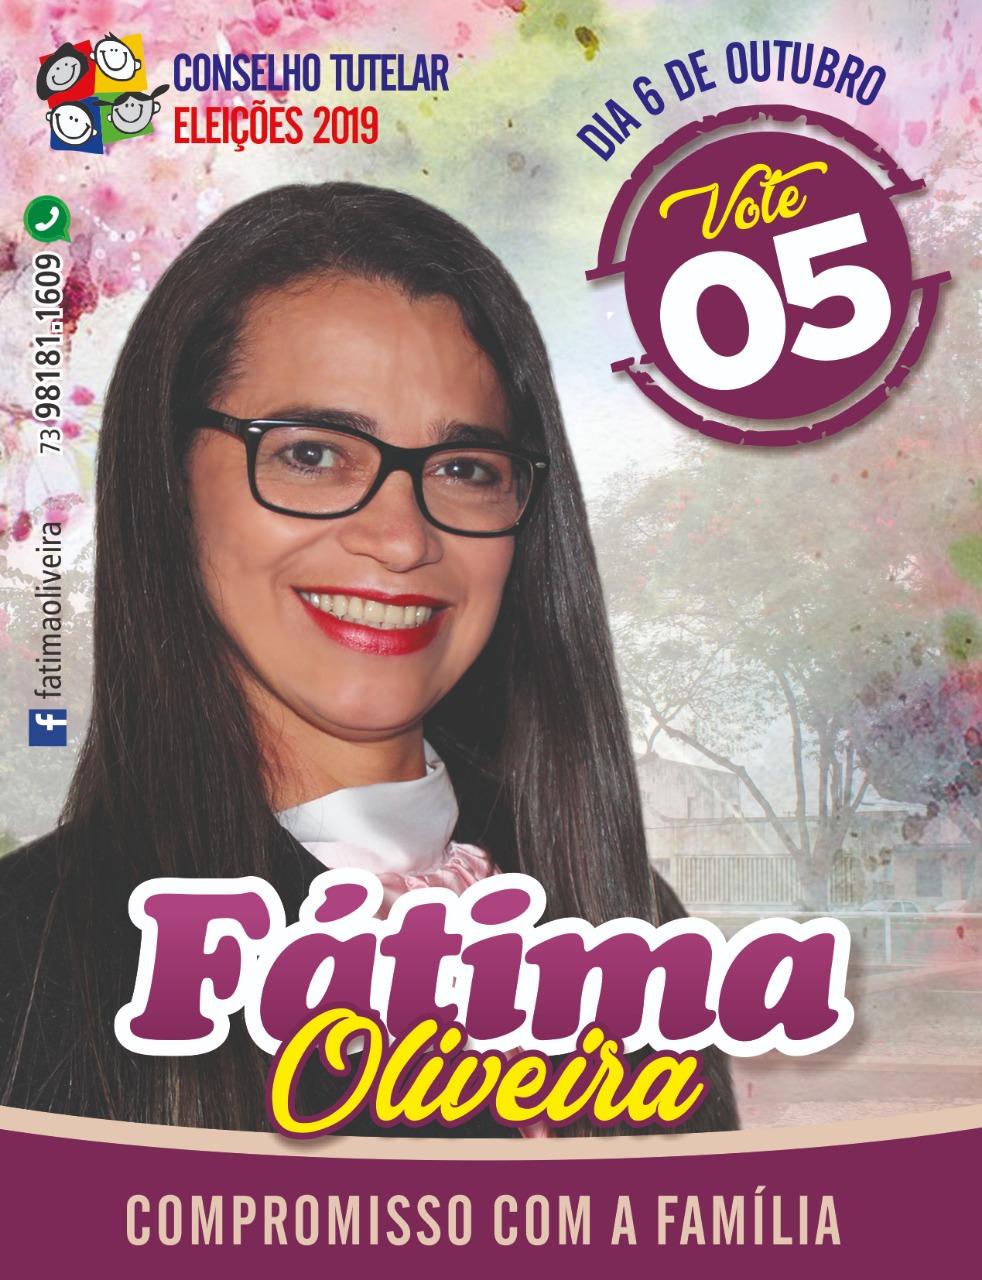 FÁTIMA OLIVEIRA